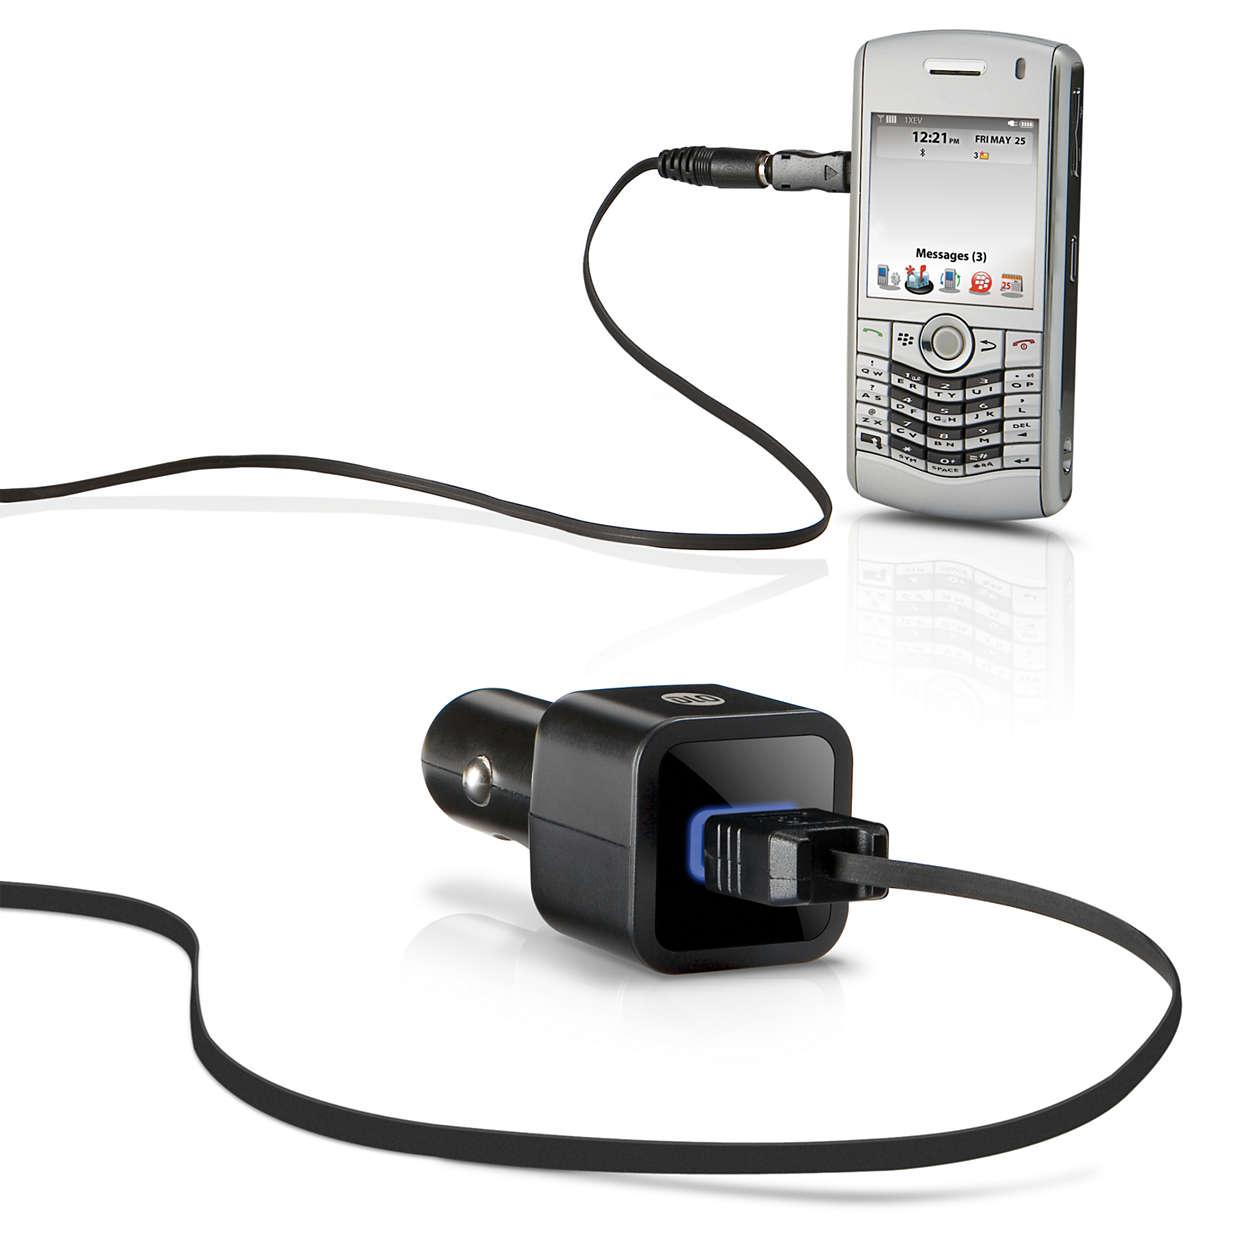 Ladda mobiltelefonen i bilen